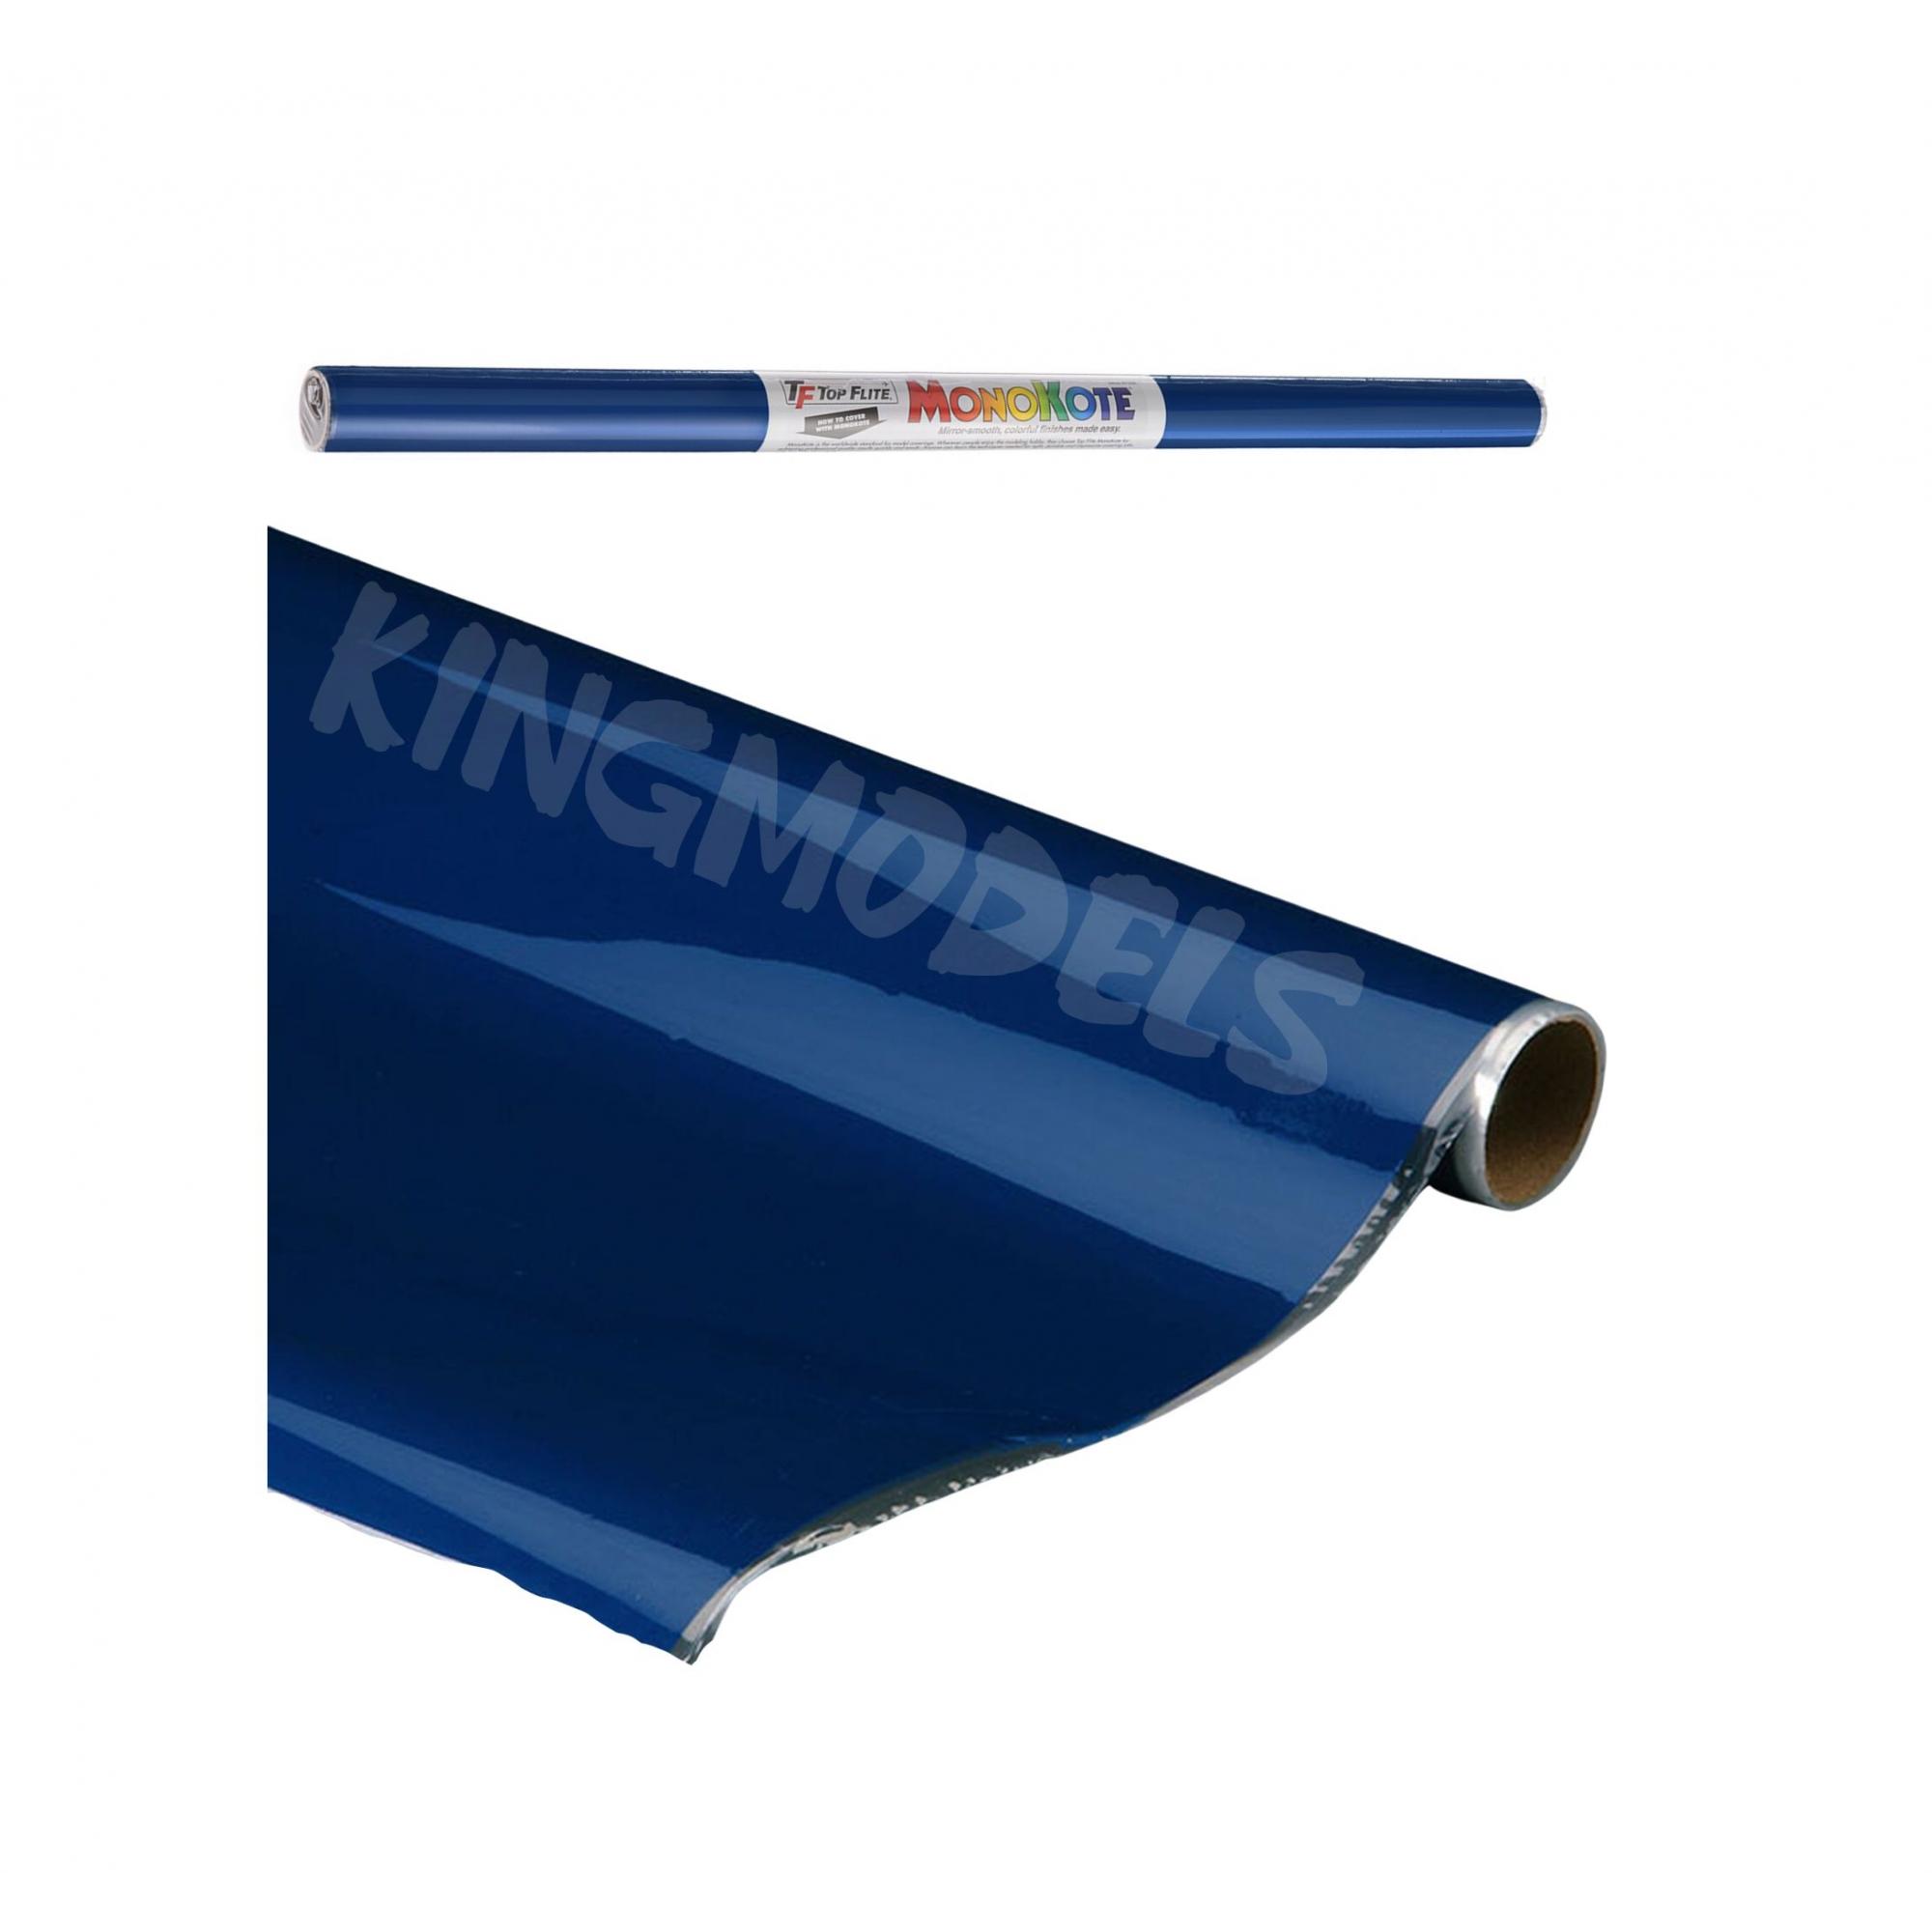 Monokote Topflite(genuino) - Azul(insigniablue)- Topq0207  - King Models